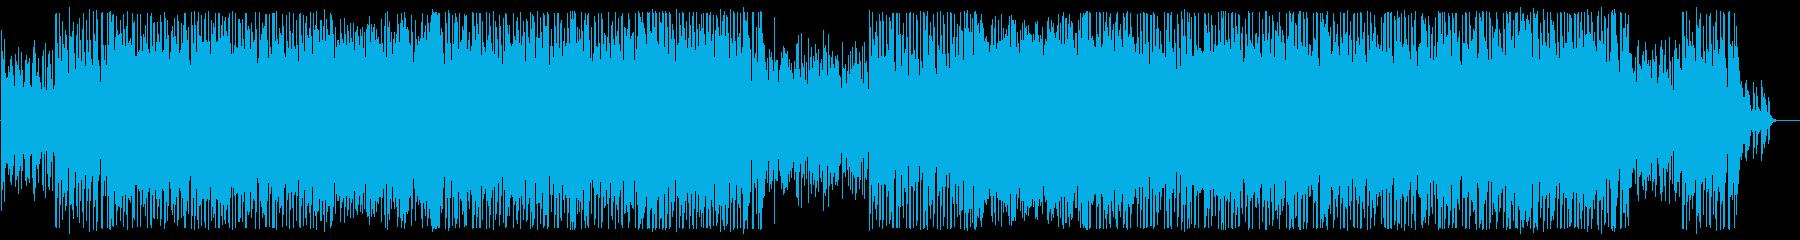 軽やかで優しいシンセピアノポップスの再生済みの波形